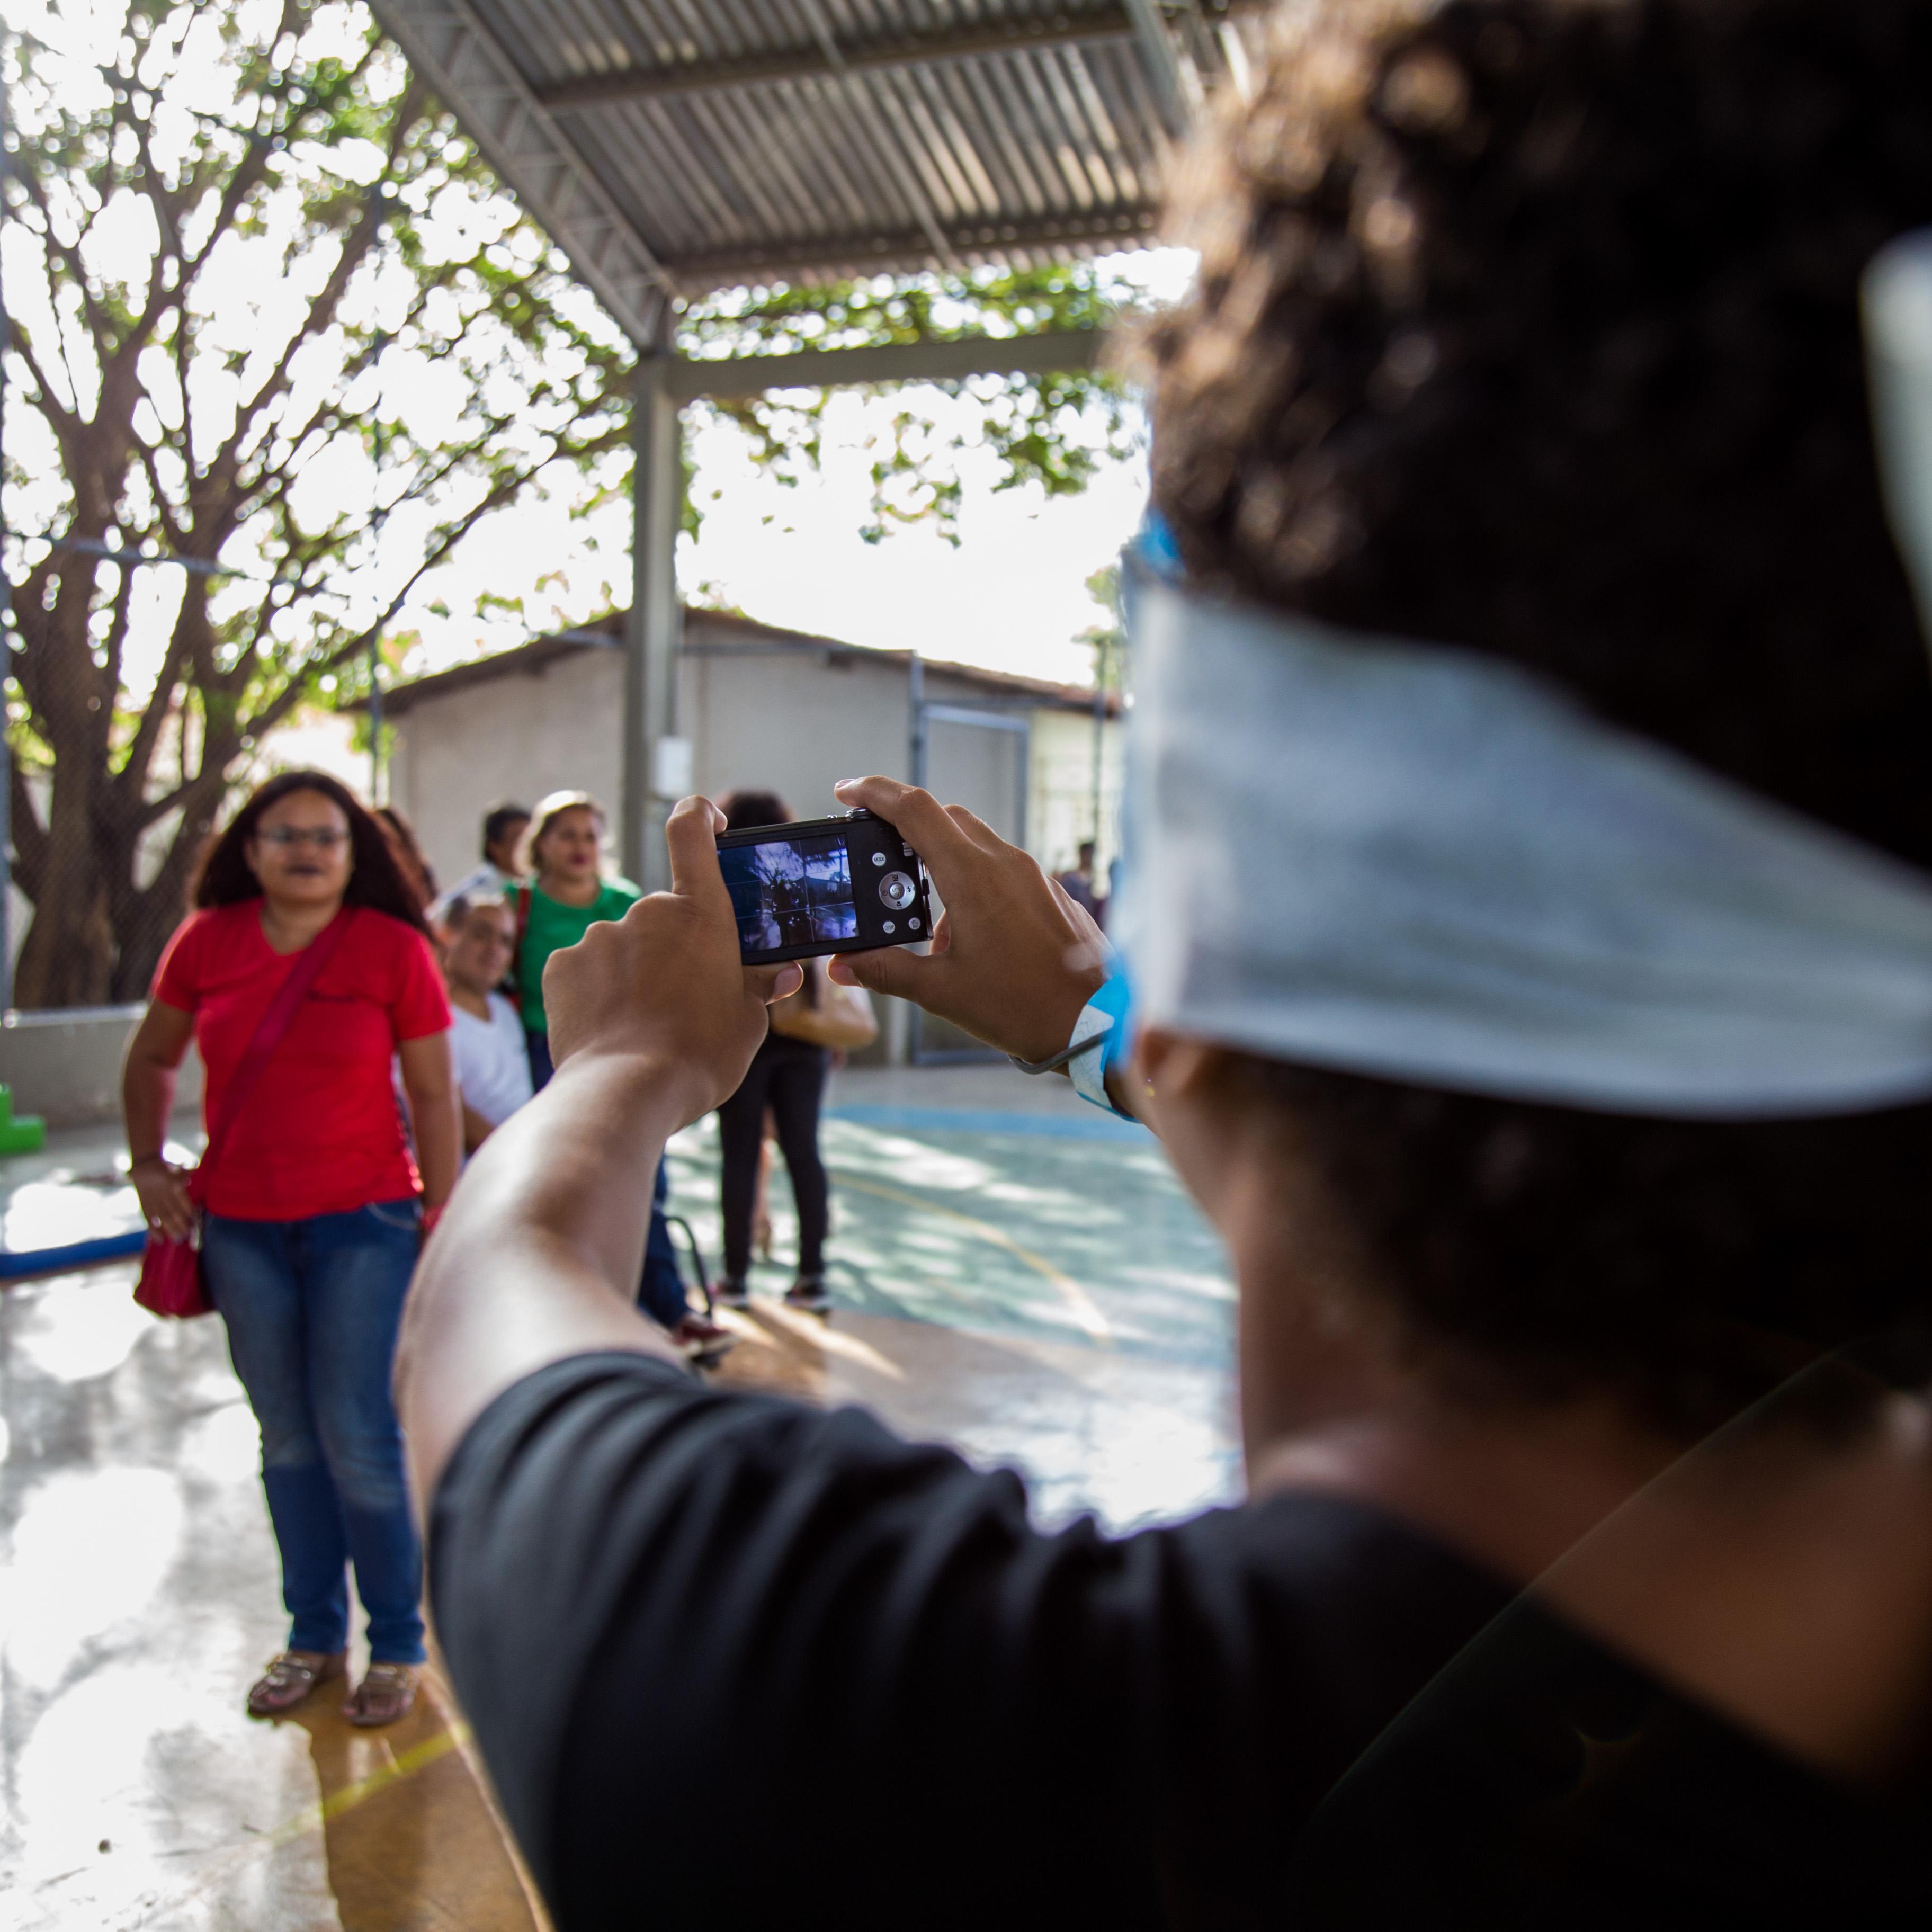 Um aluno vendado segura uma câmera fotográfica digital com as duas mãos. Mesmo sem enxergar, ele procura mirar as pessoas que estão na quadra de esportes.